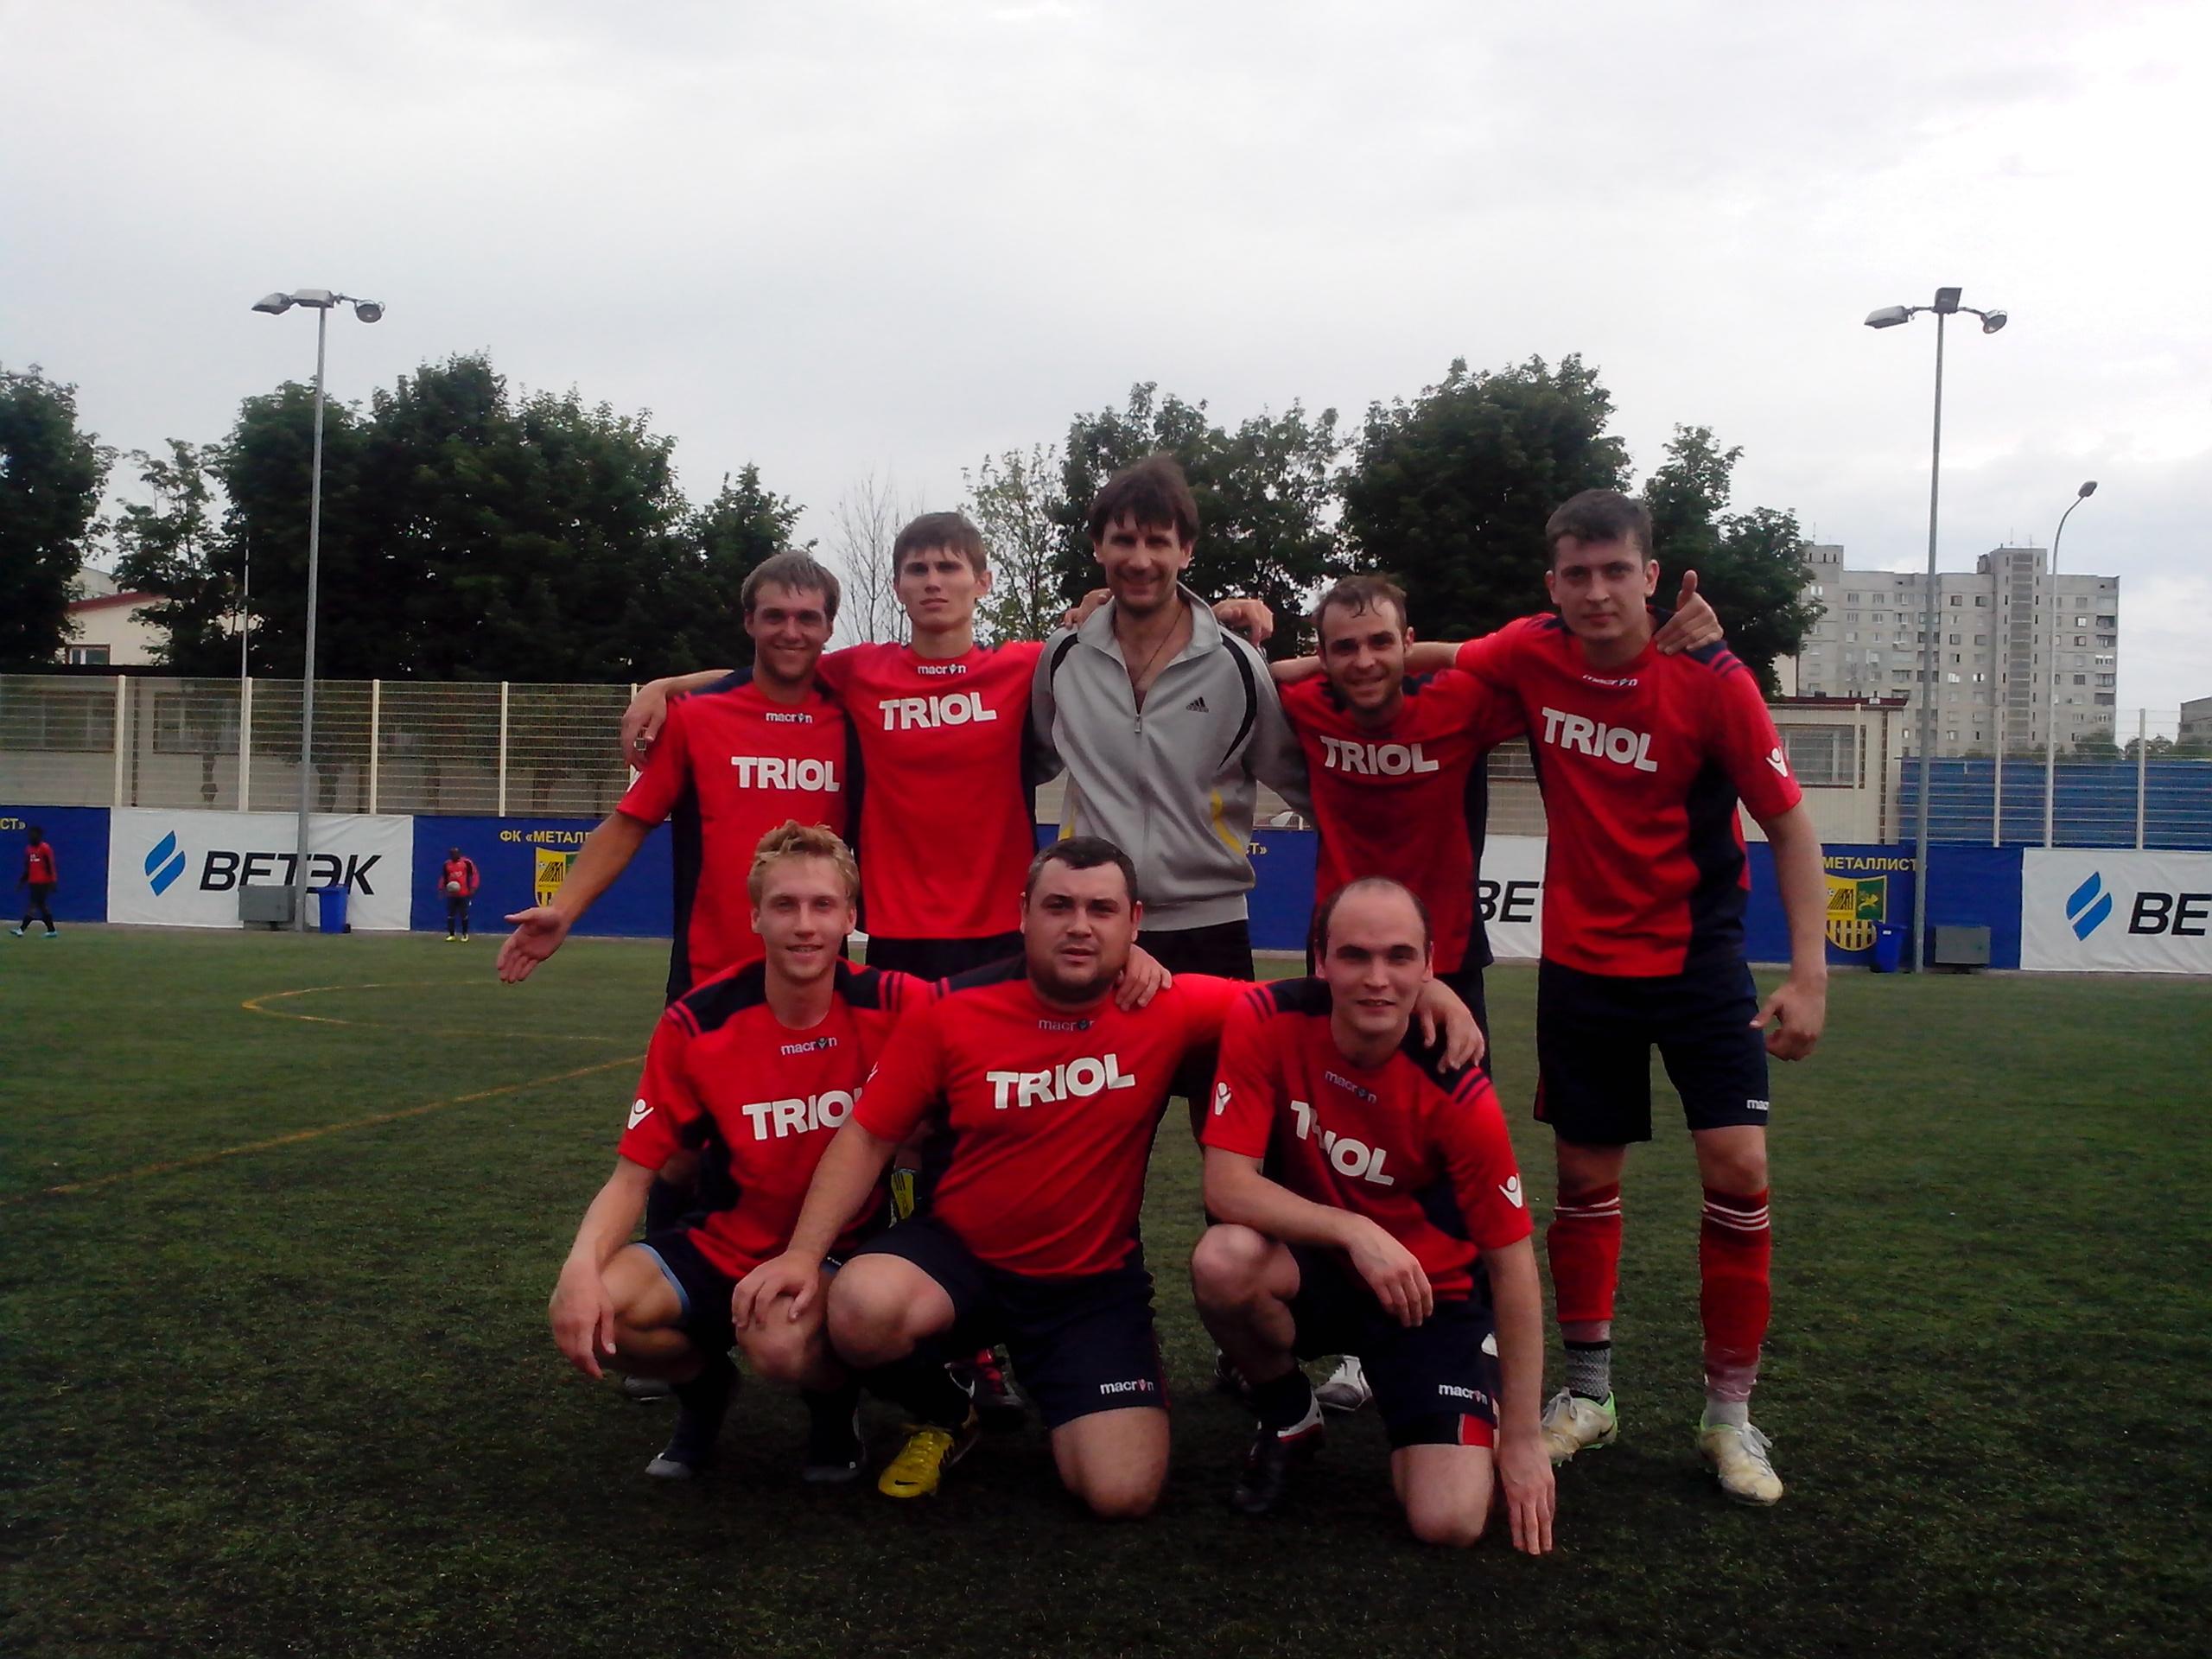 Корпоративный чемпионат по мини-футболу - 2014 объявляется открытым!